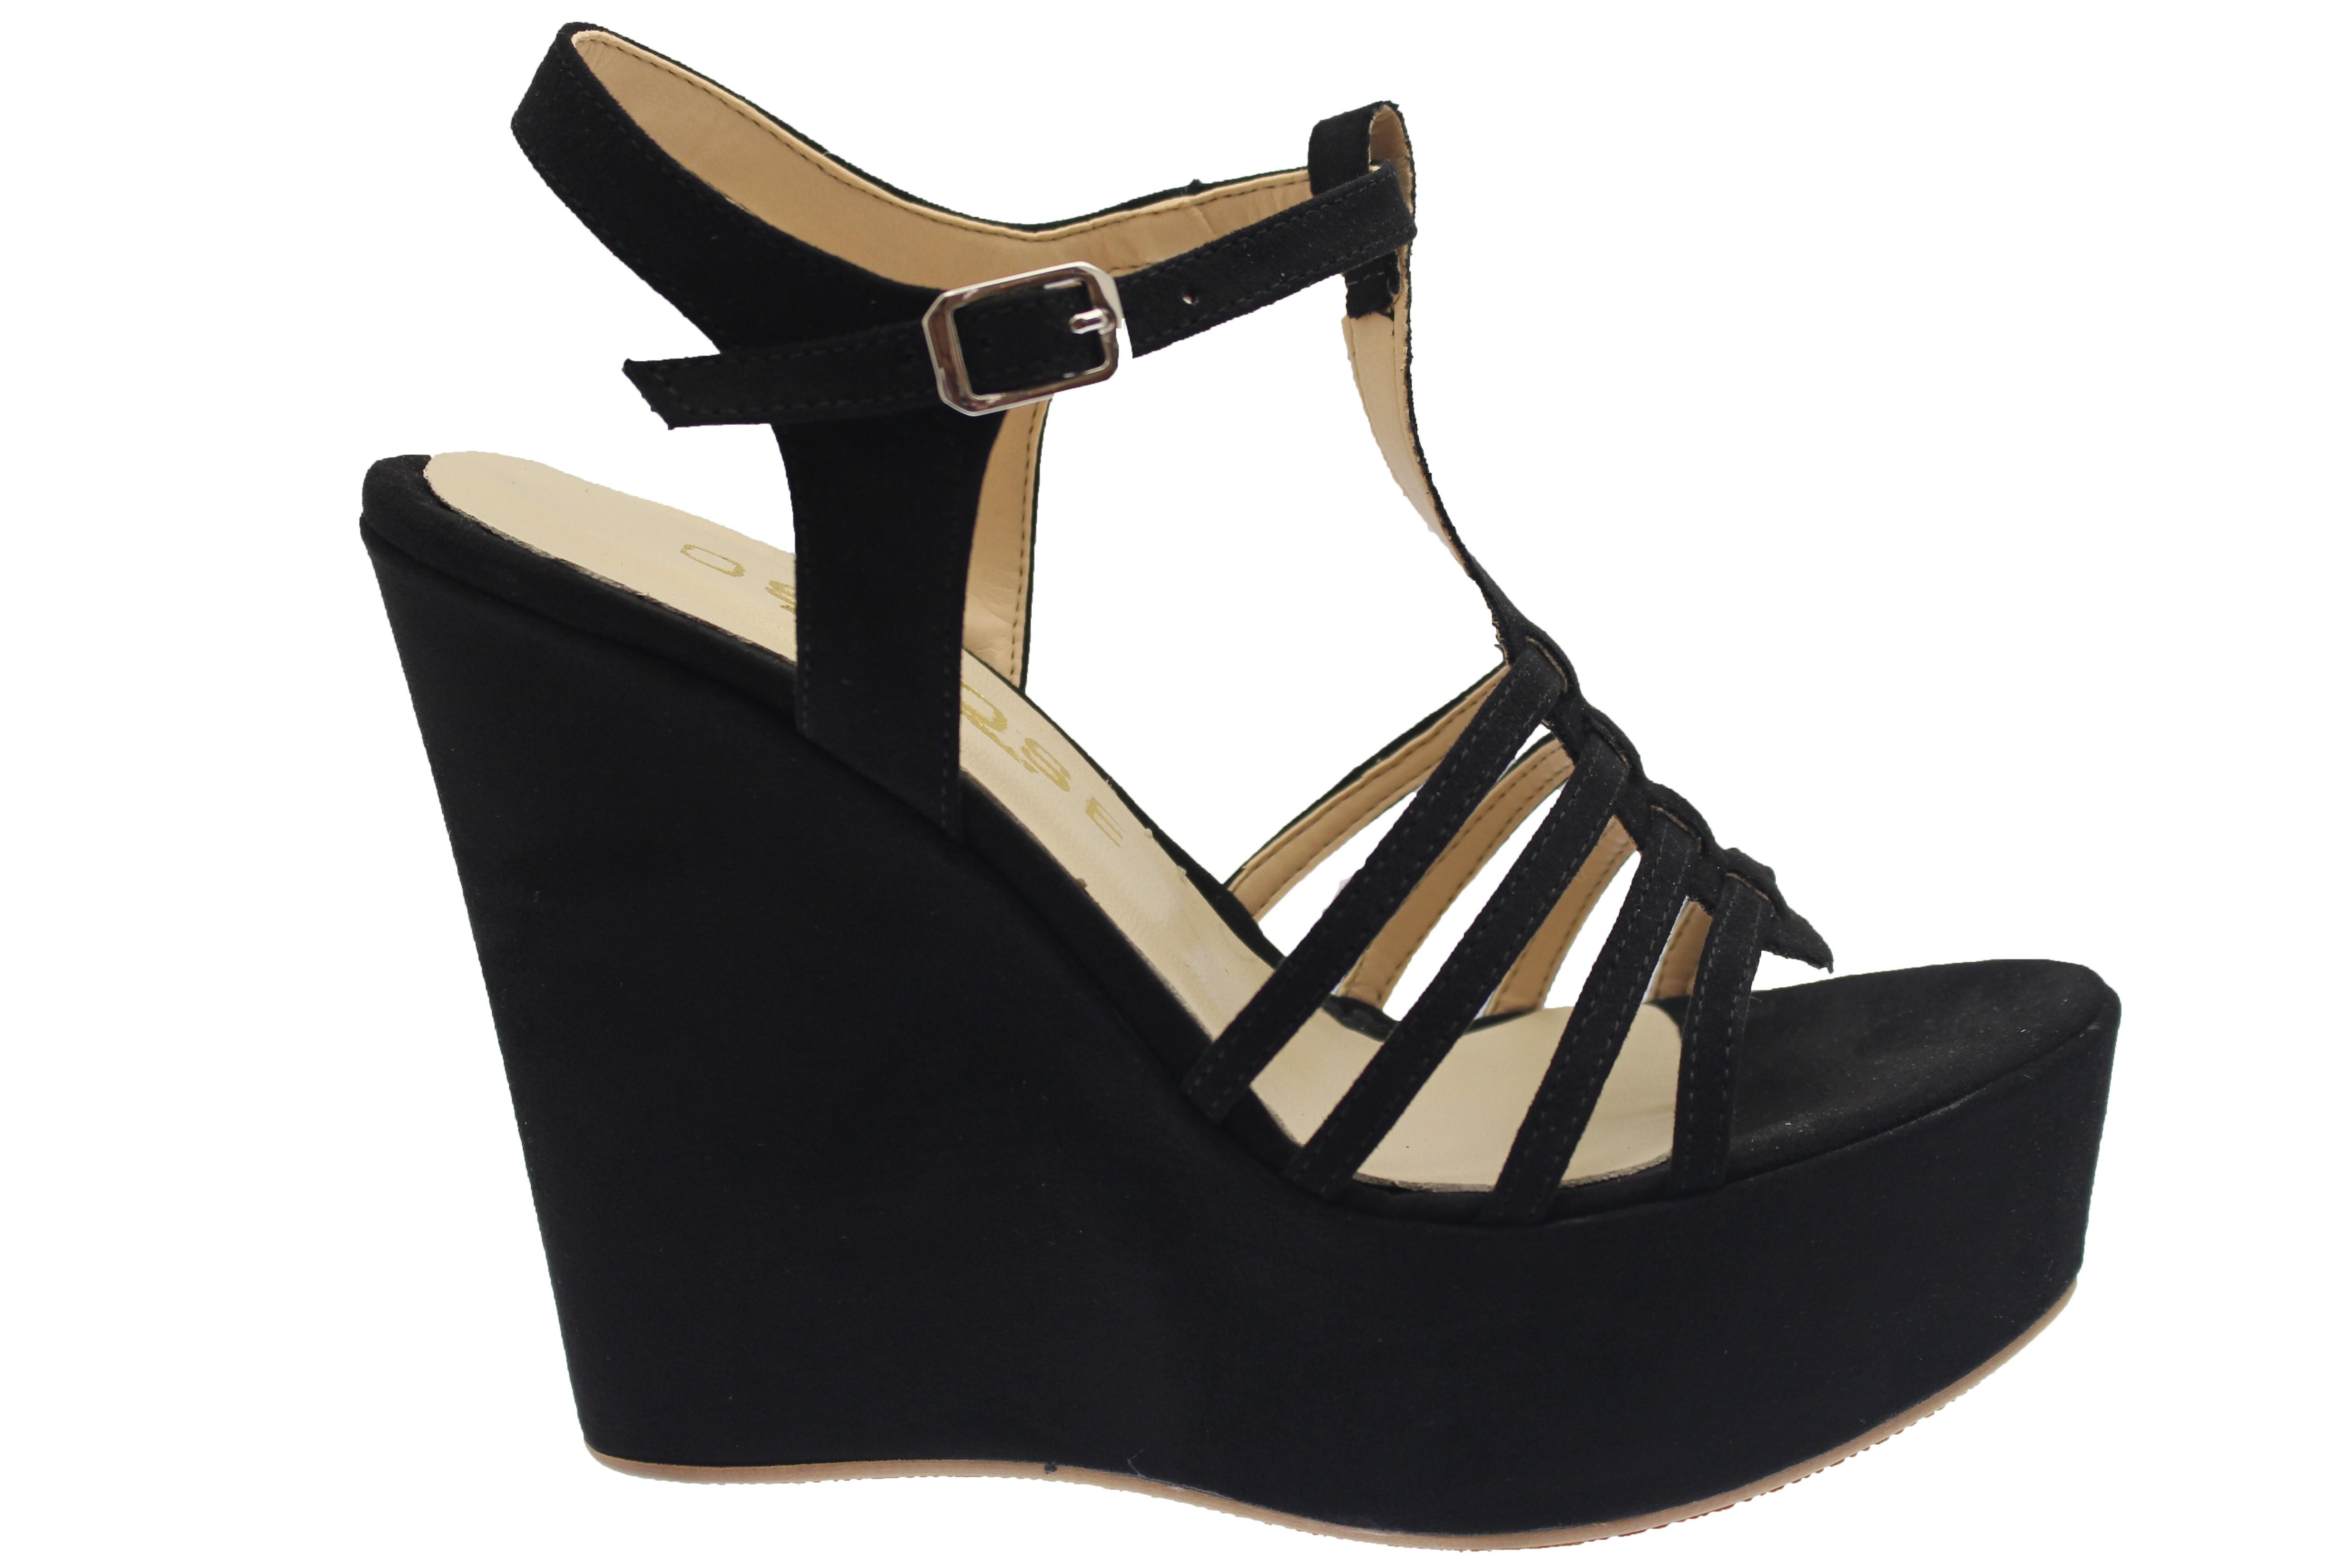 Shoes Prix Osmose À Urban Doux En Noir Multibride Compensée Chic Daim WxBeQdCroE